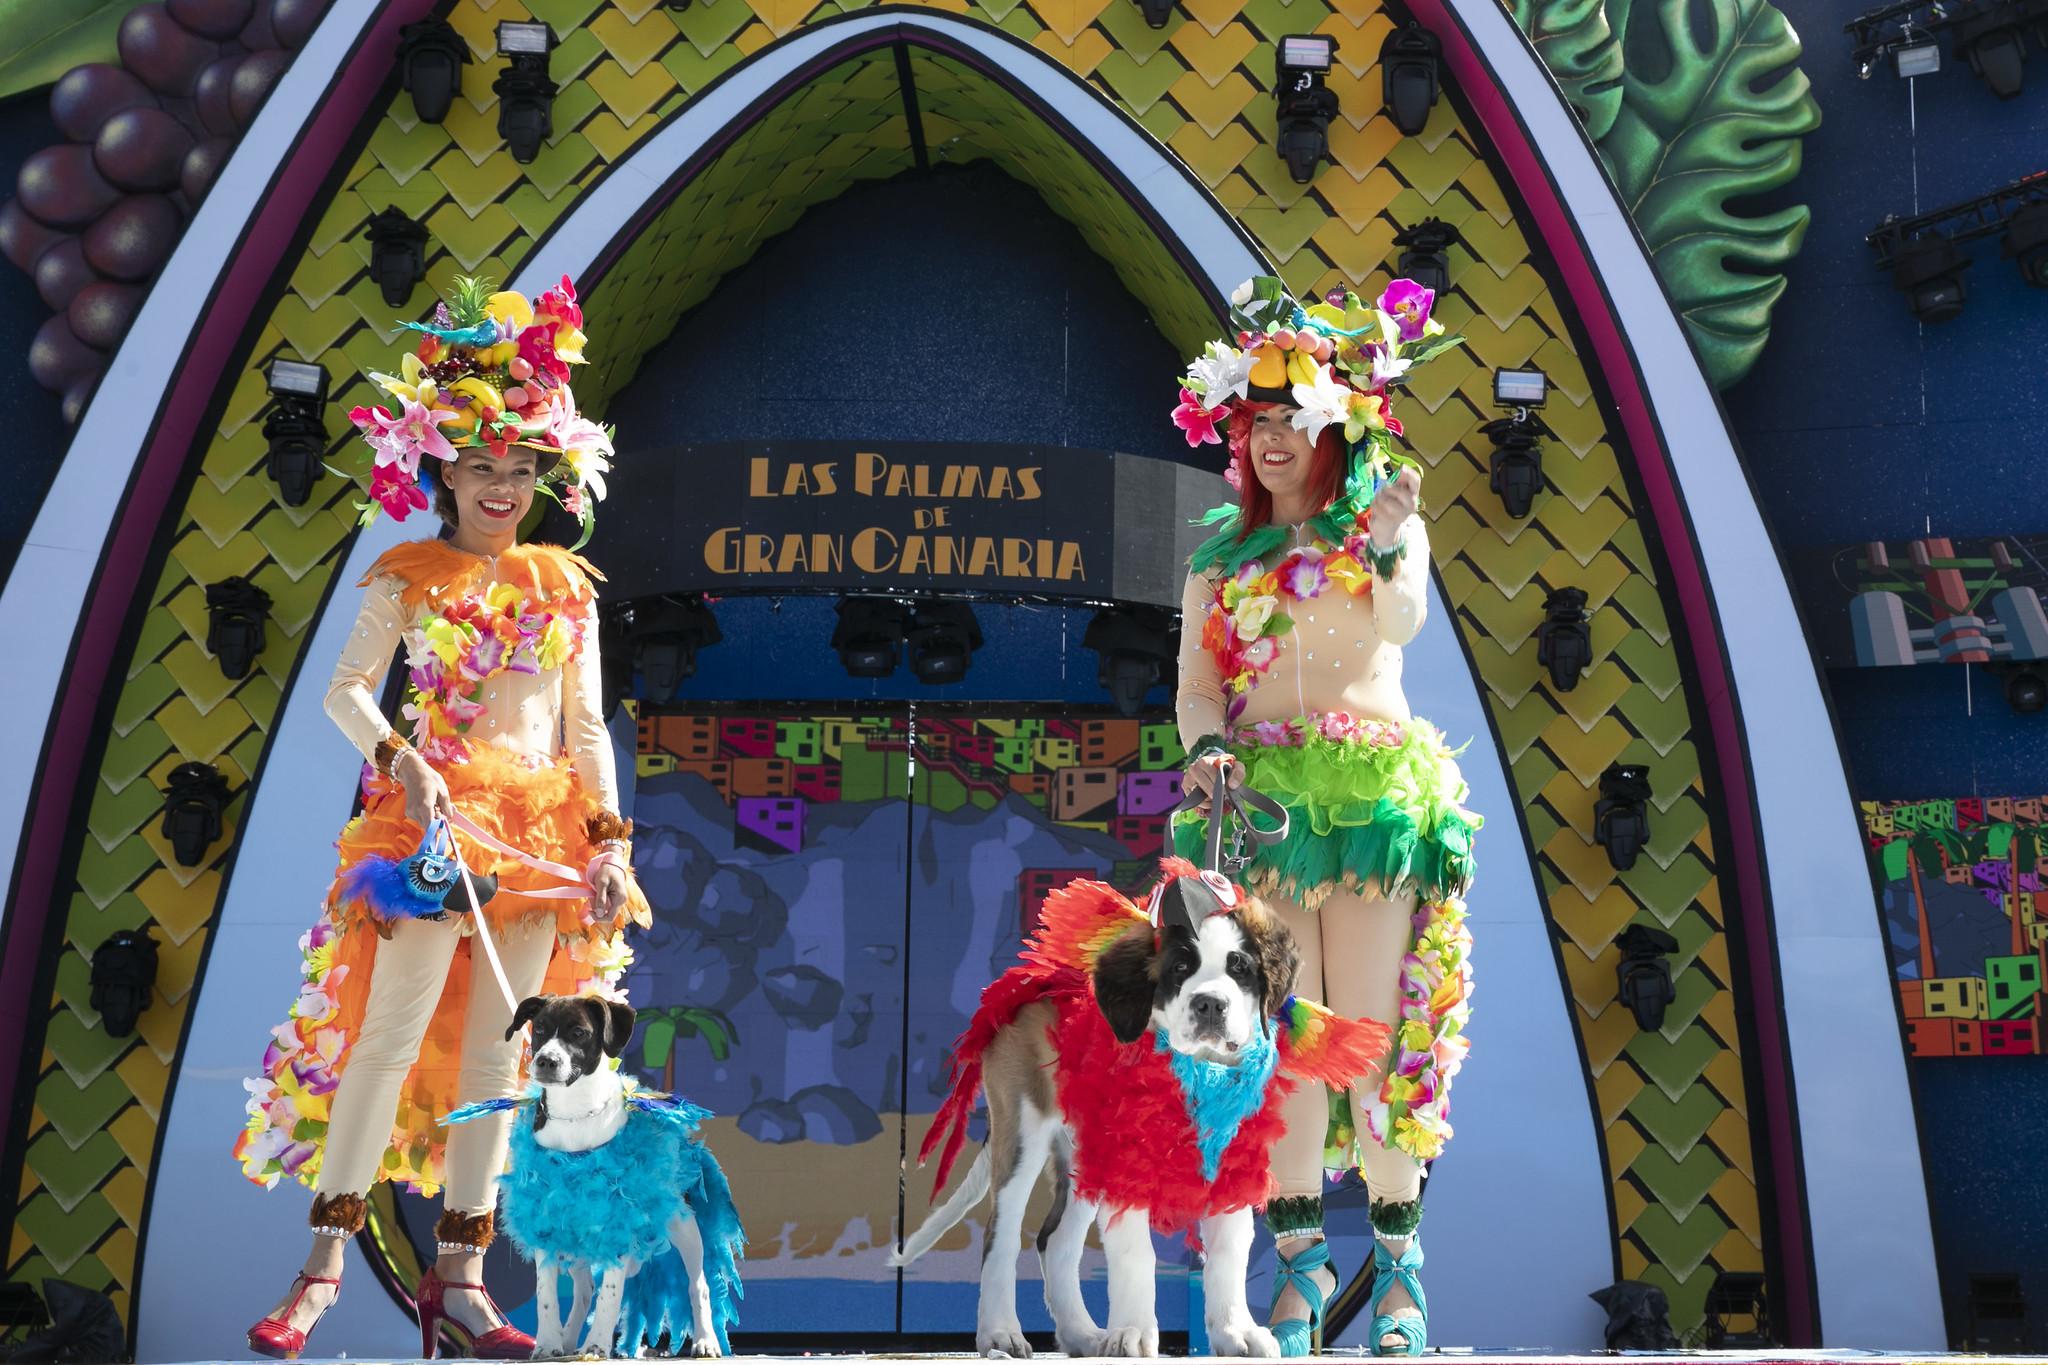 Laufsteg frei für Hunde beim Karneval von Las Palmas de Gran Canaria